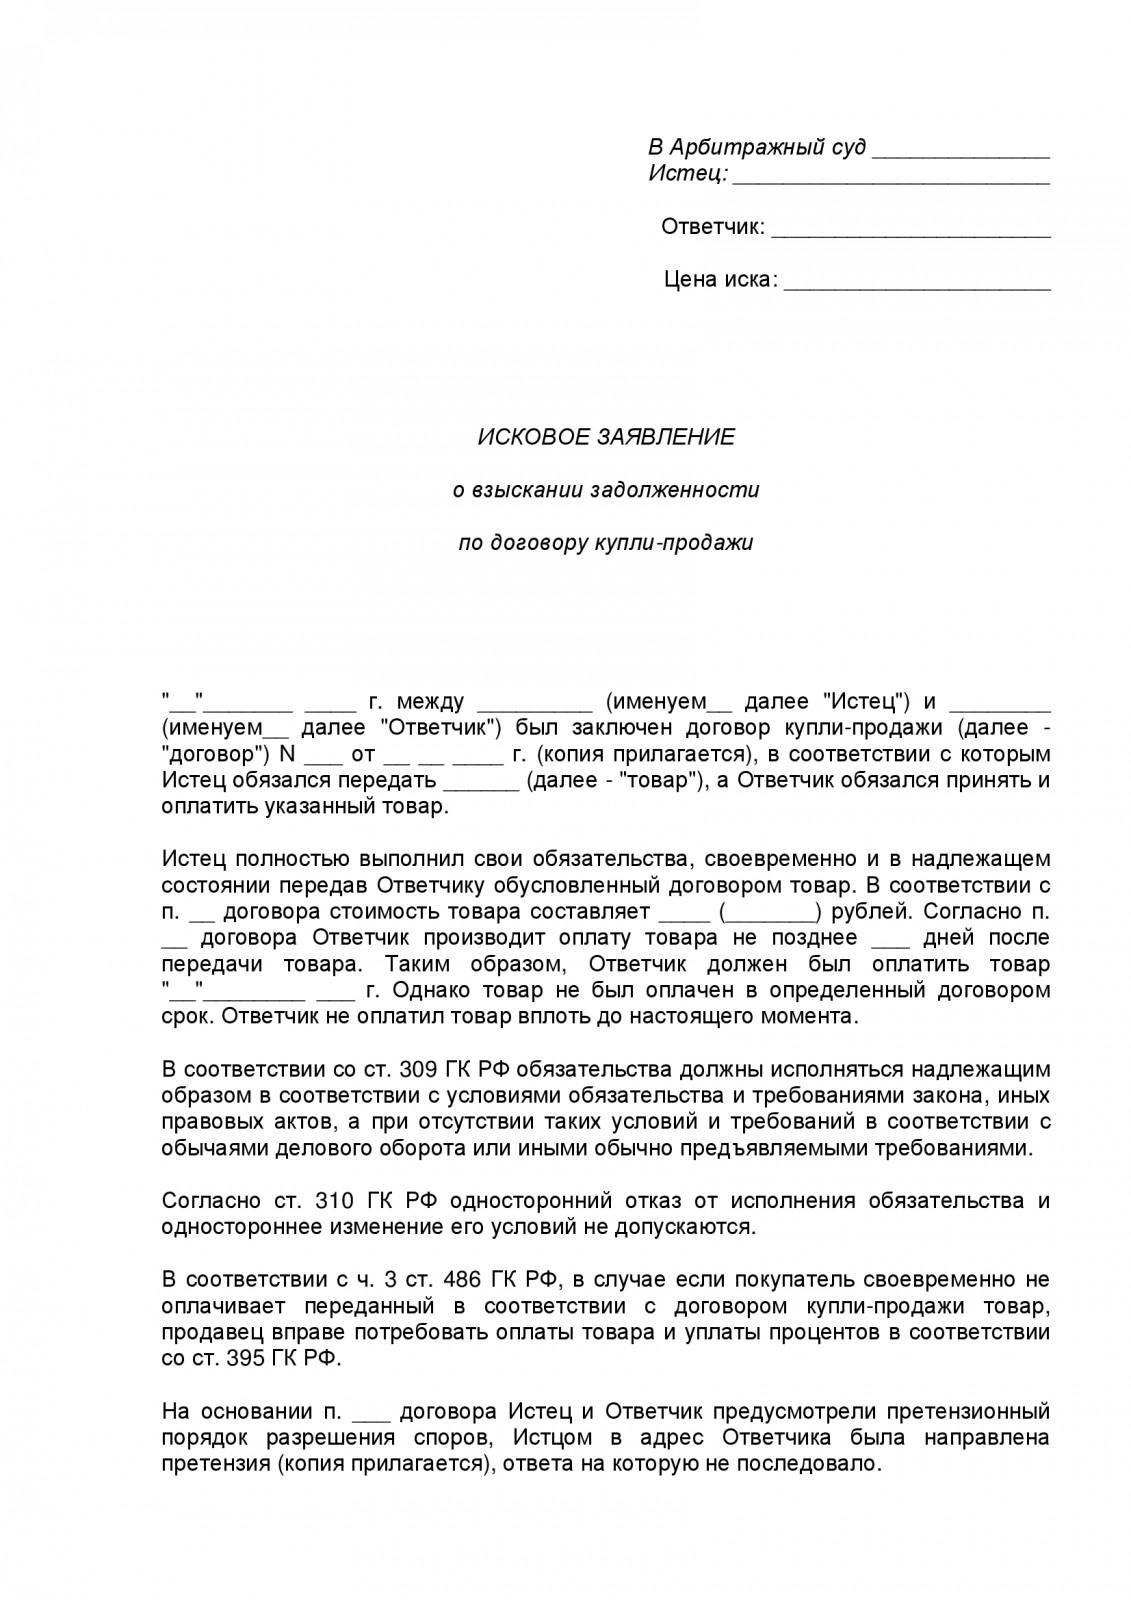 Свгк тольятти оплата за газ узнать баланс